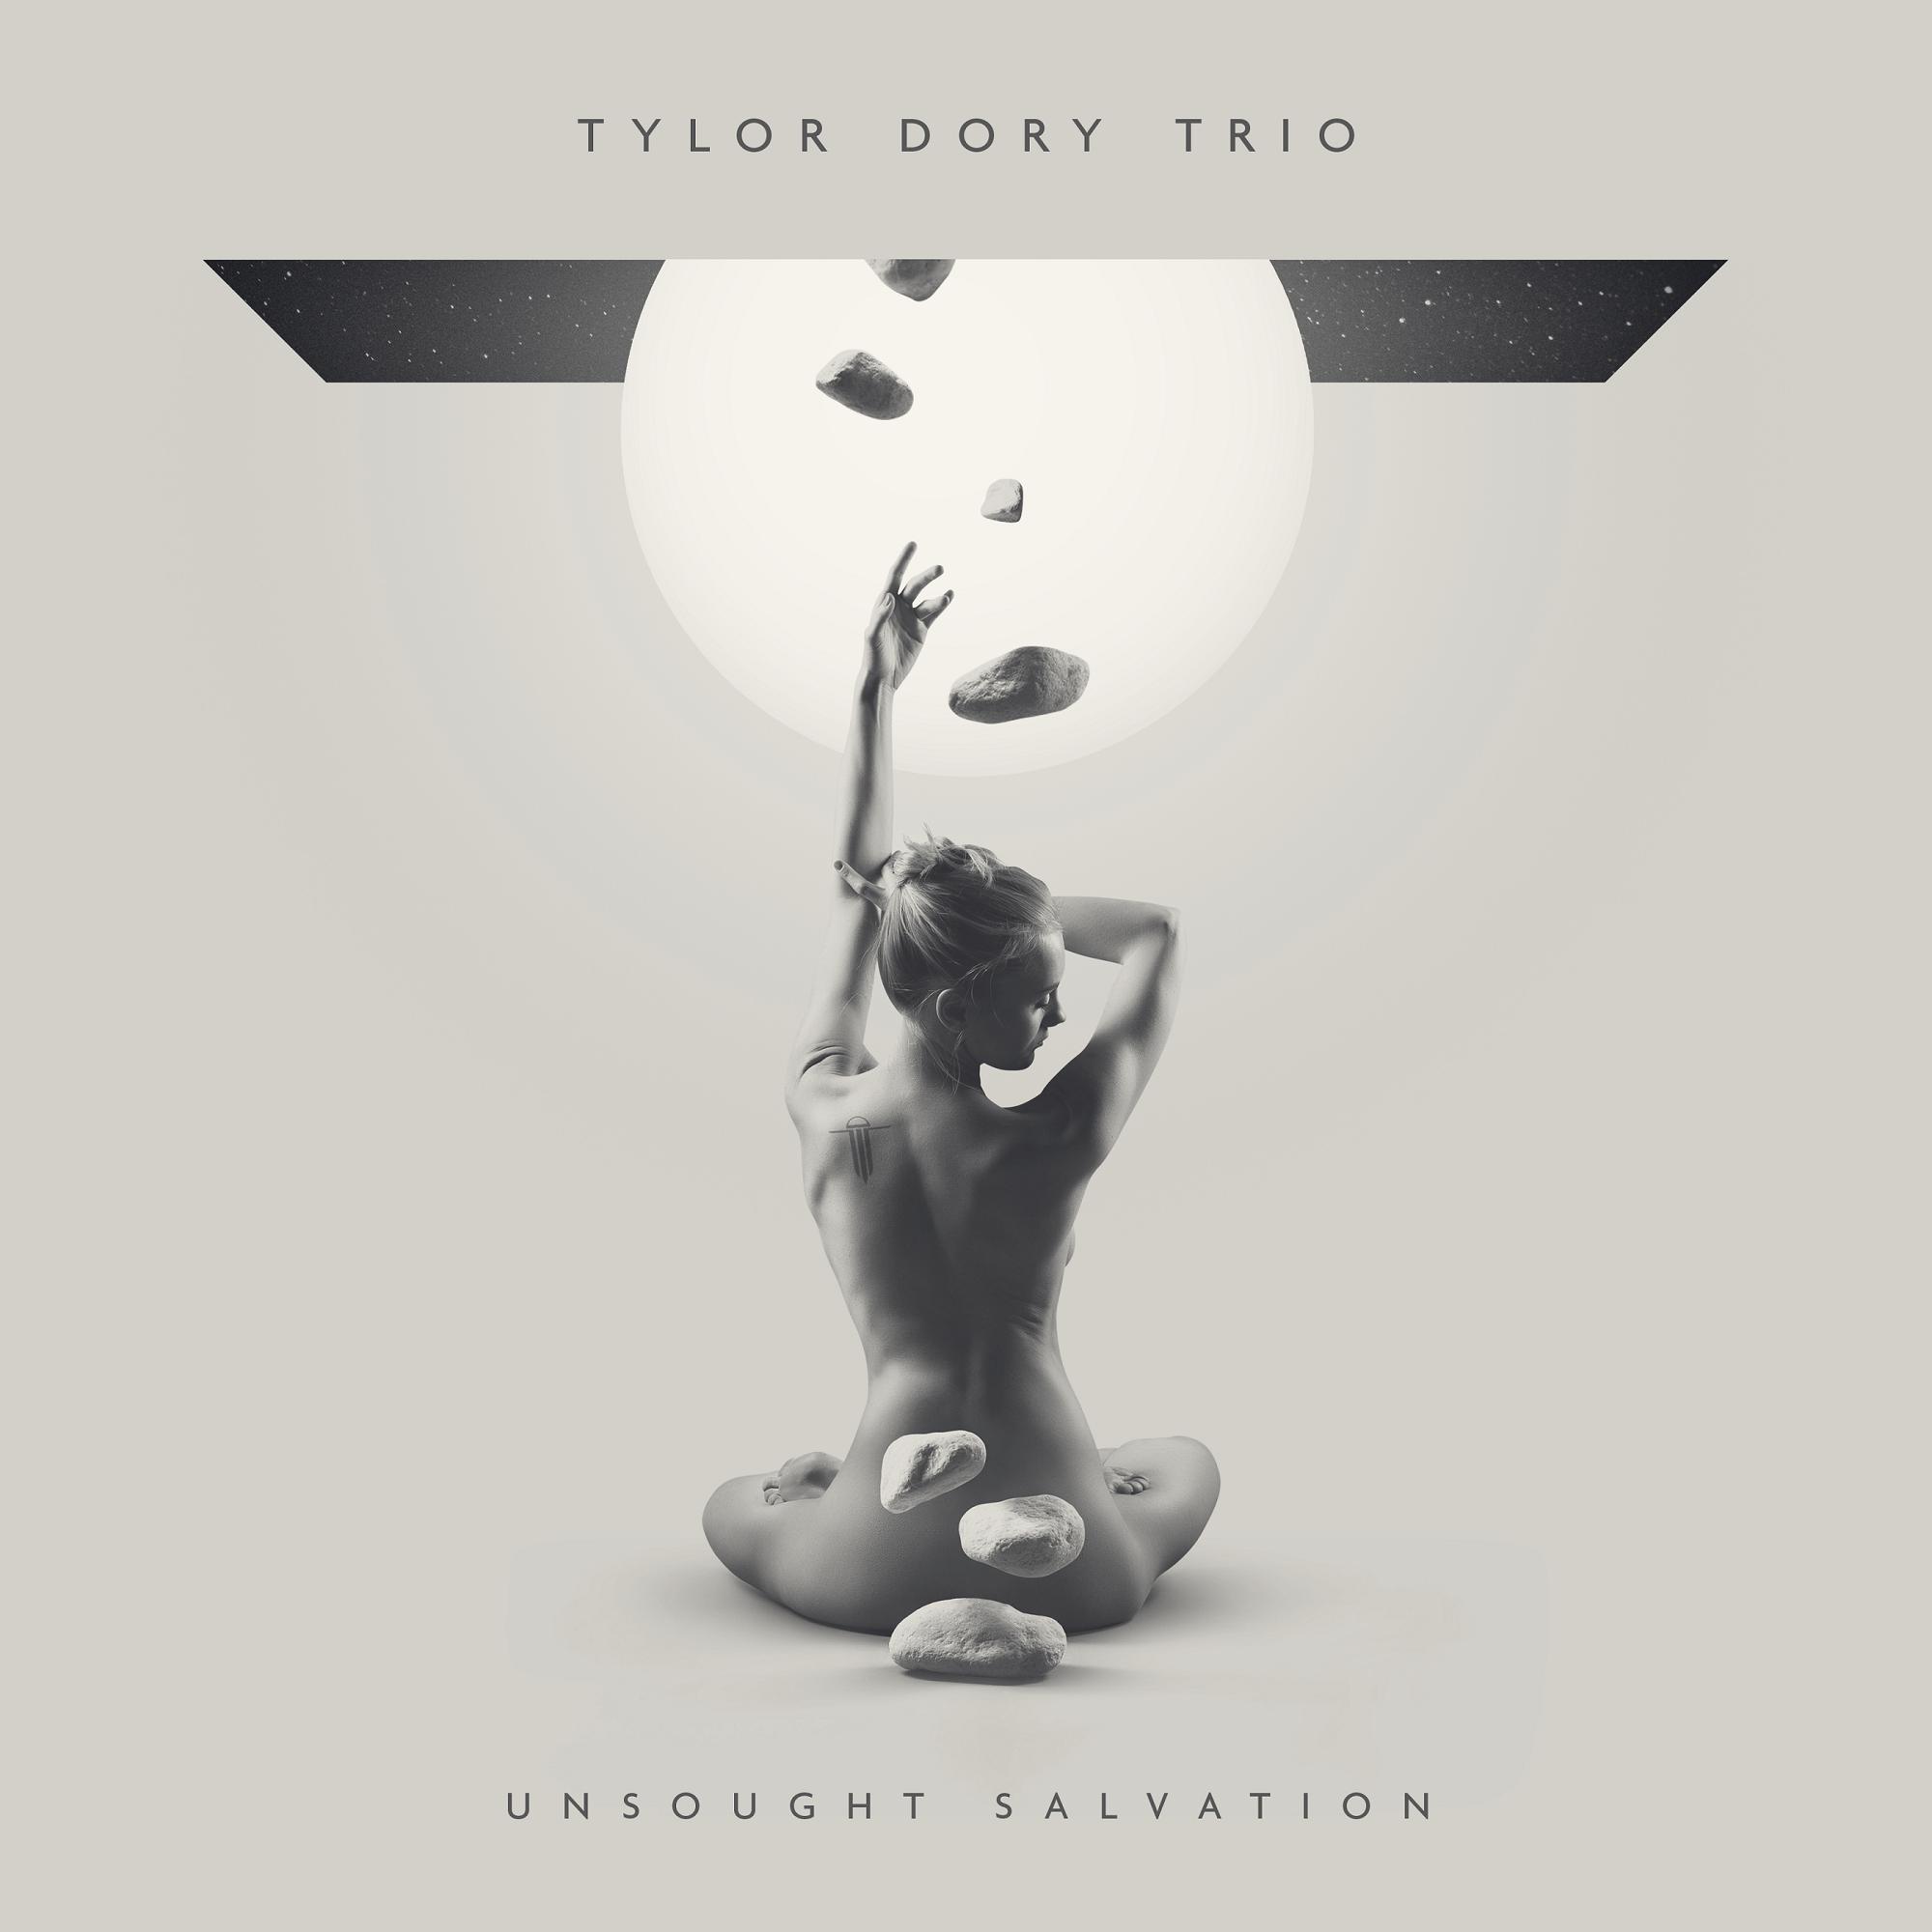 Tylor Dory Trio – Unsought Salvation